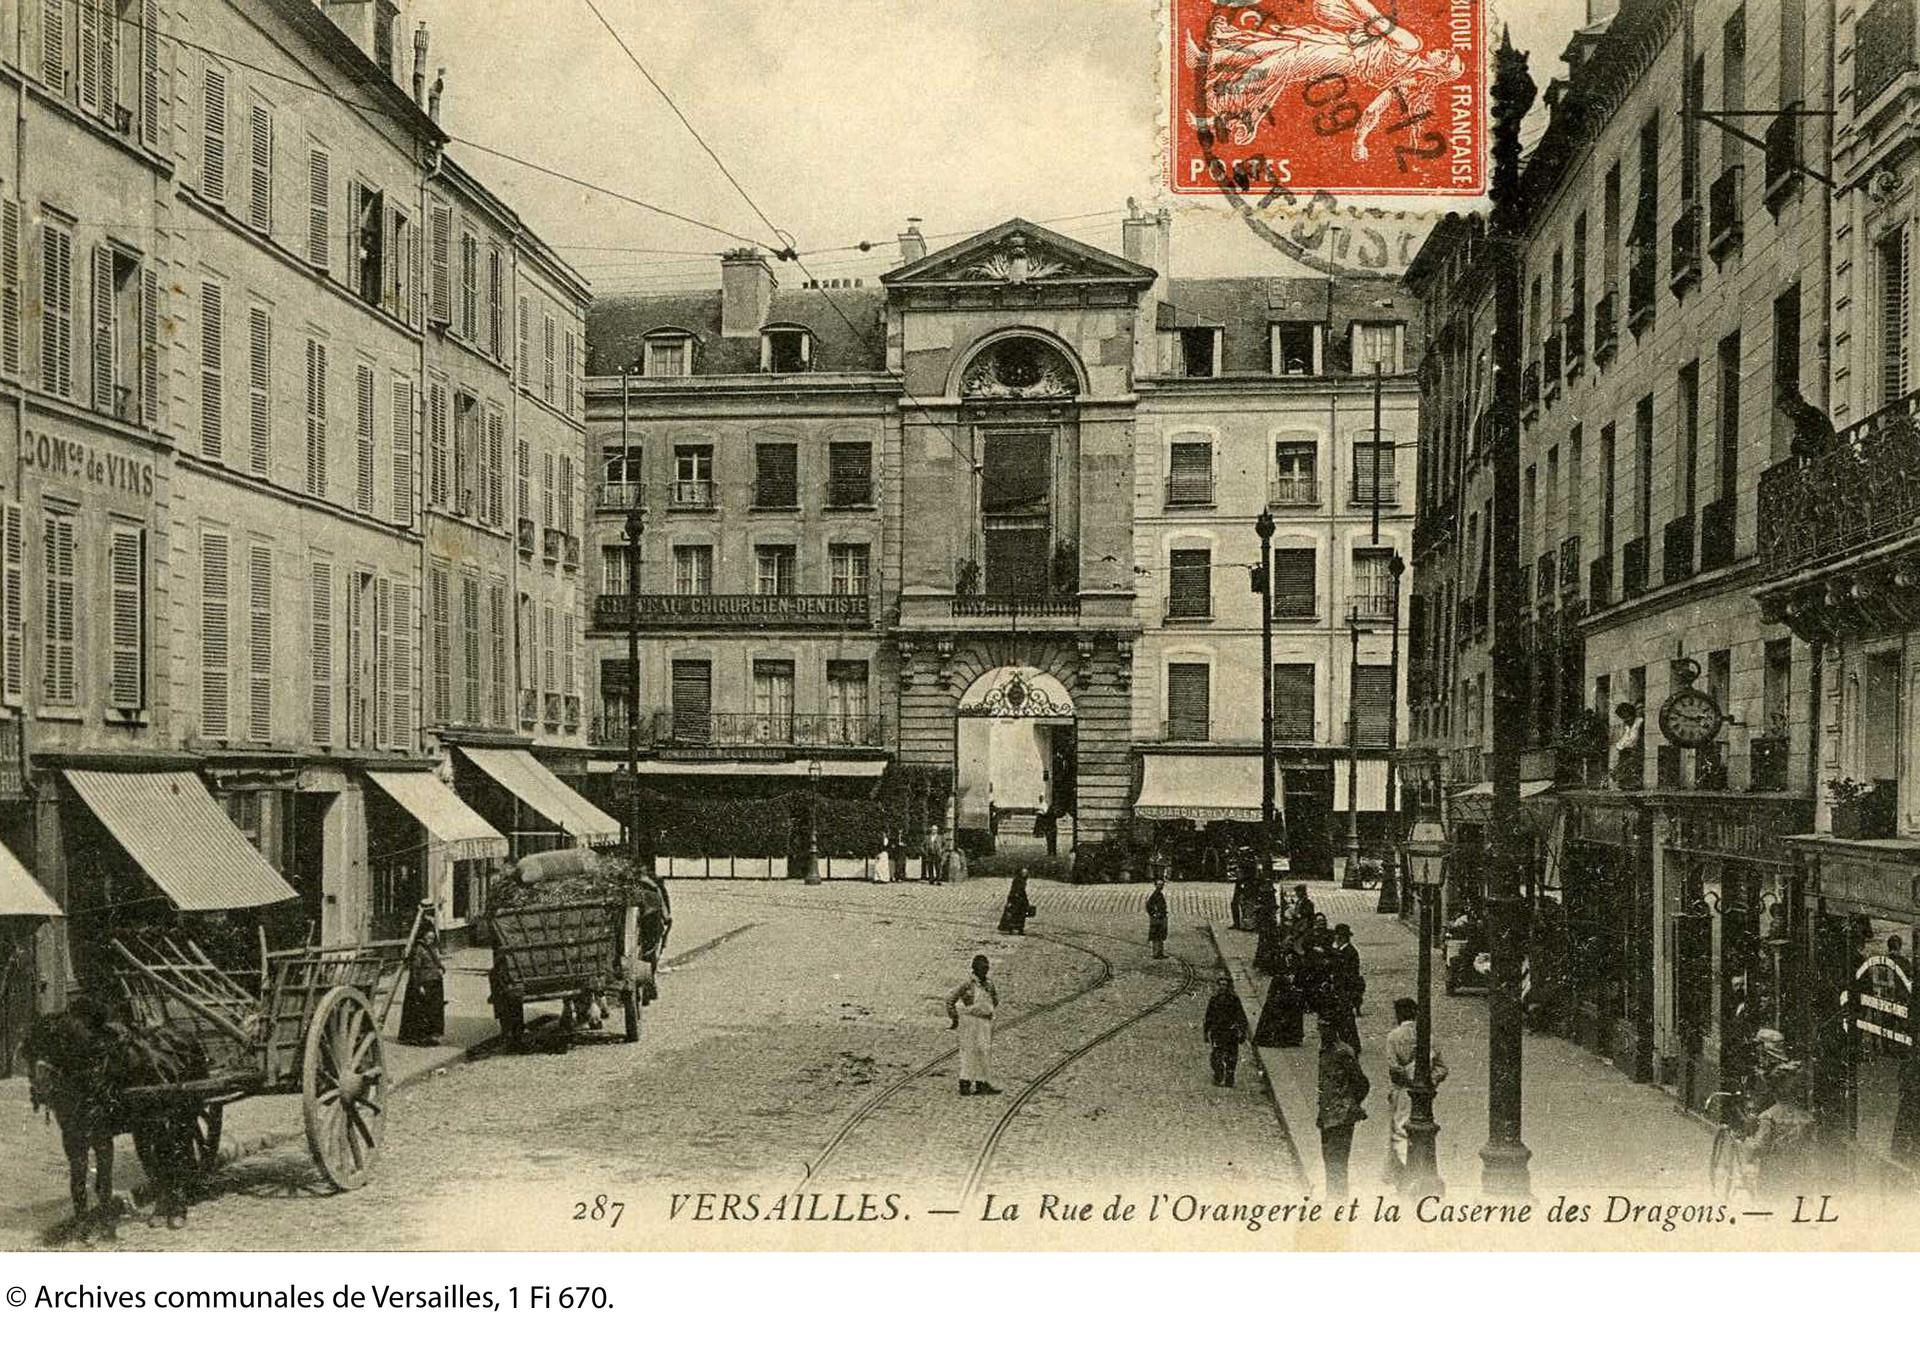 Archives communales de Versailles